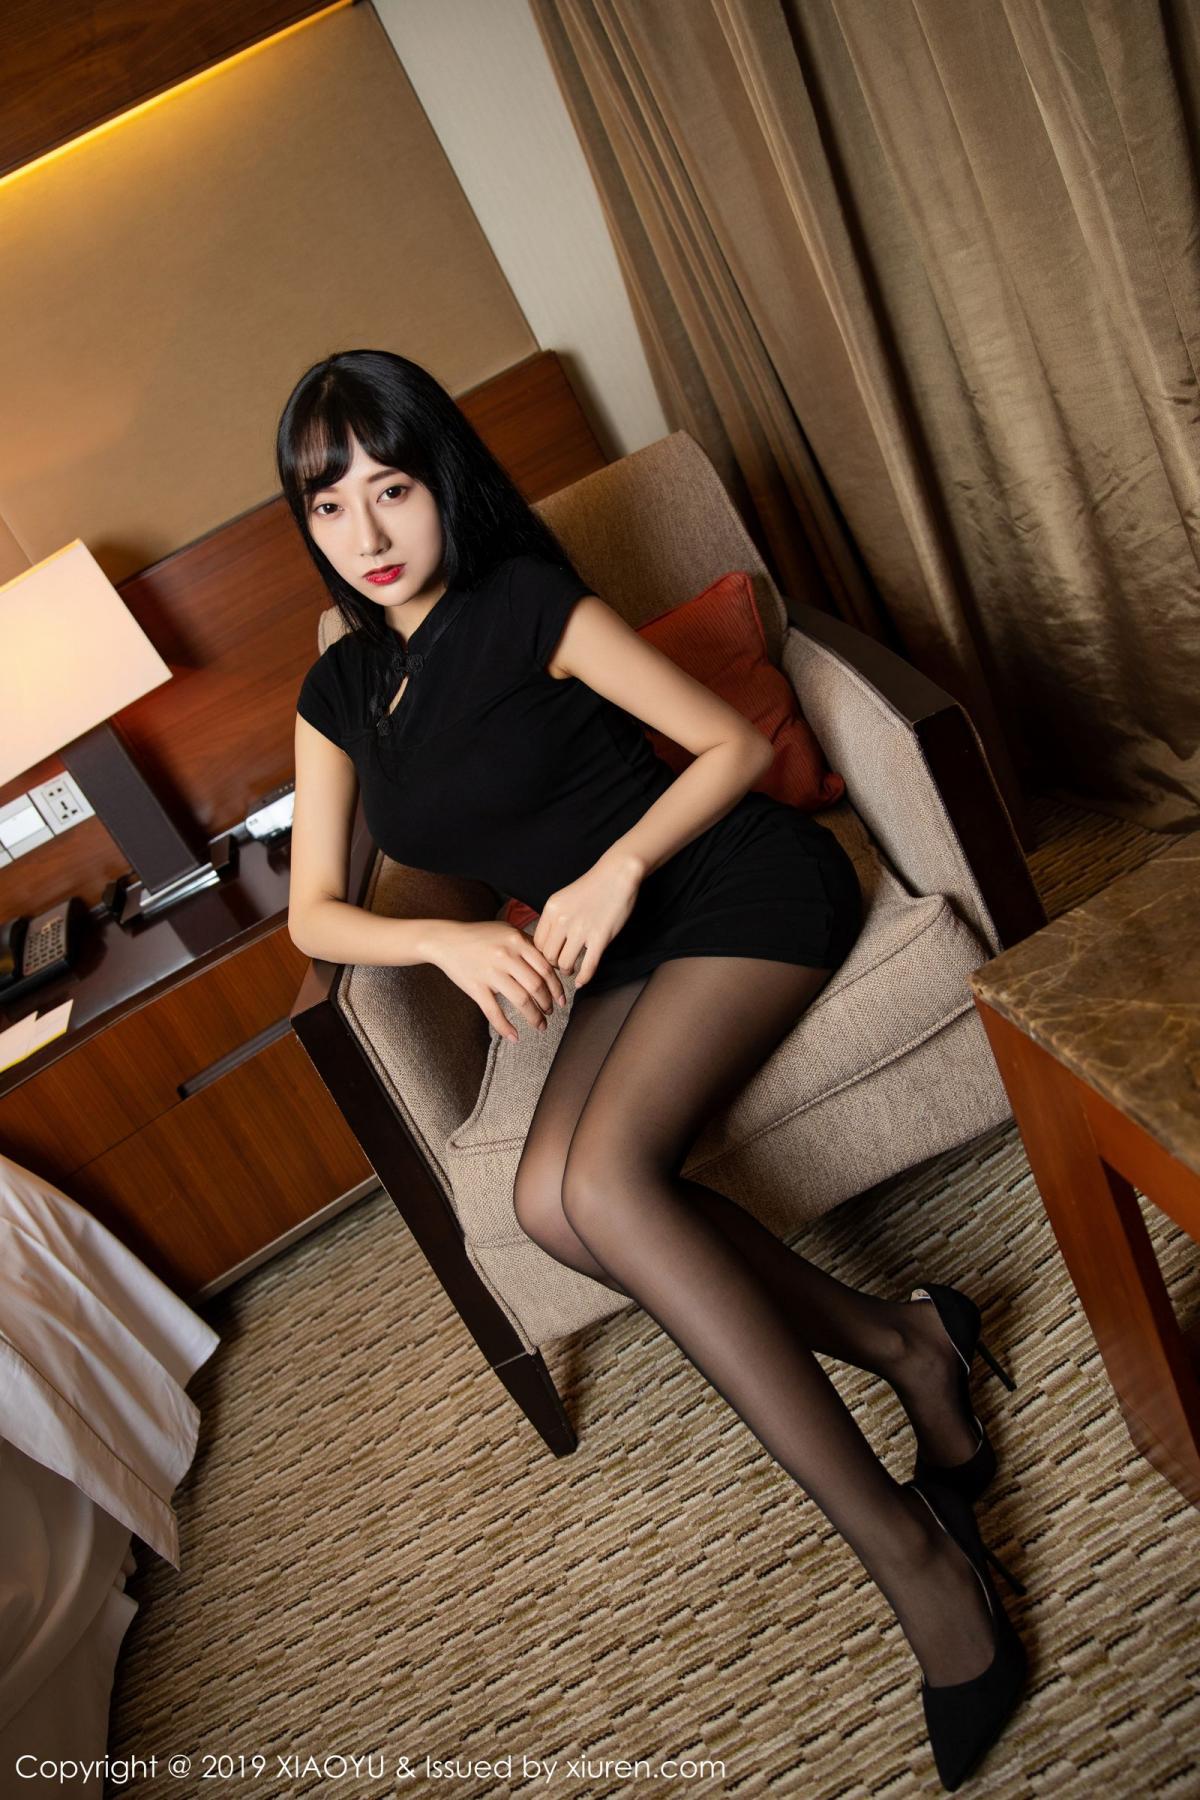 [XiaoYu] Vol.145 He Jia Ying 13P, Black Silk, He Jia Ying, Underwear, XiaoYu